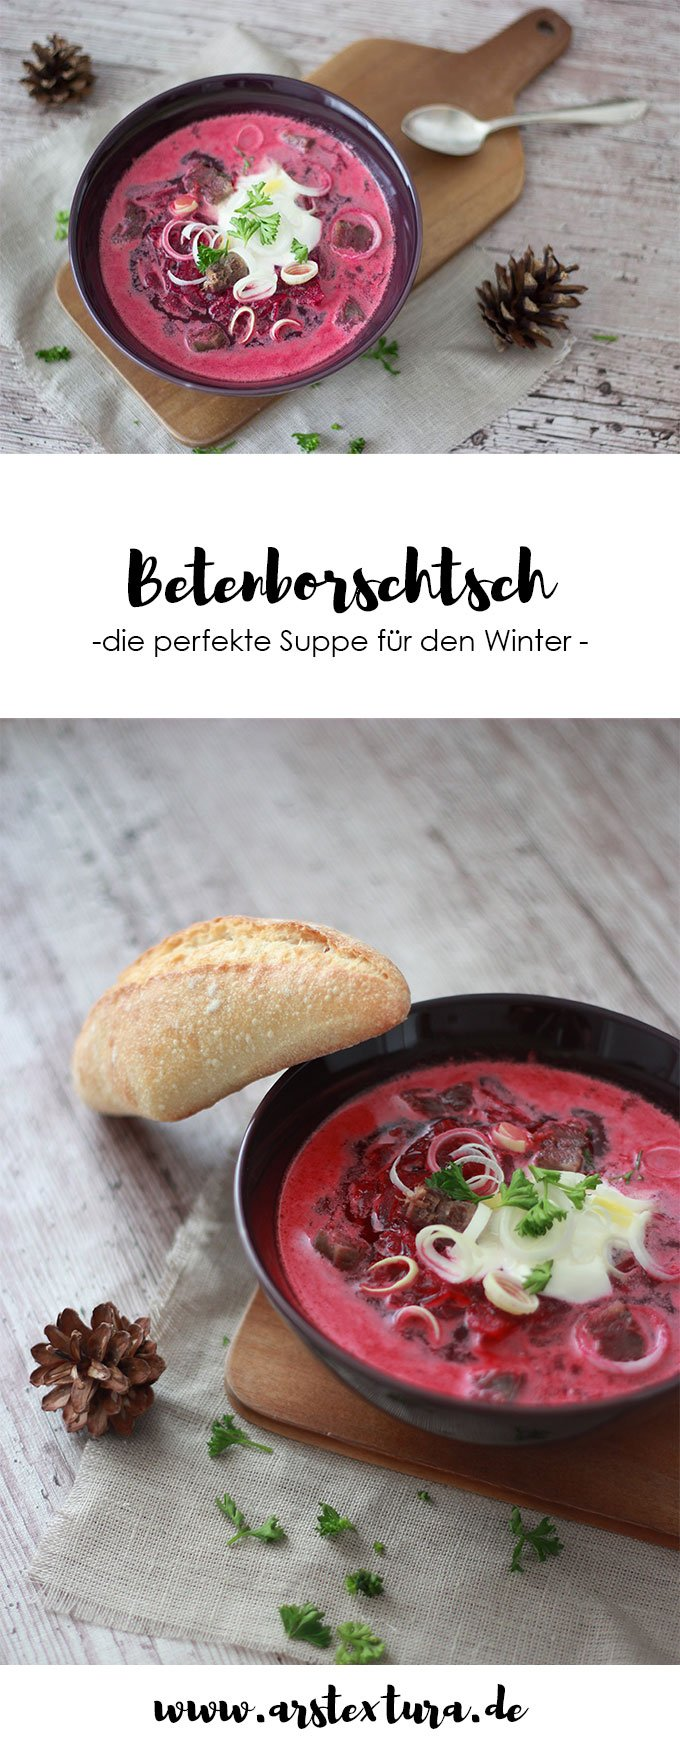 Betenborschtsch - Russische Borschtsch mit Roter Bete - ein perfektes Wintergericht